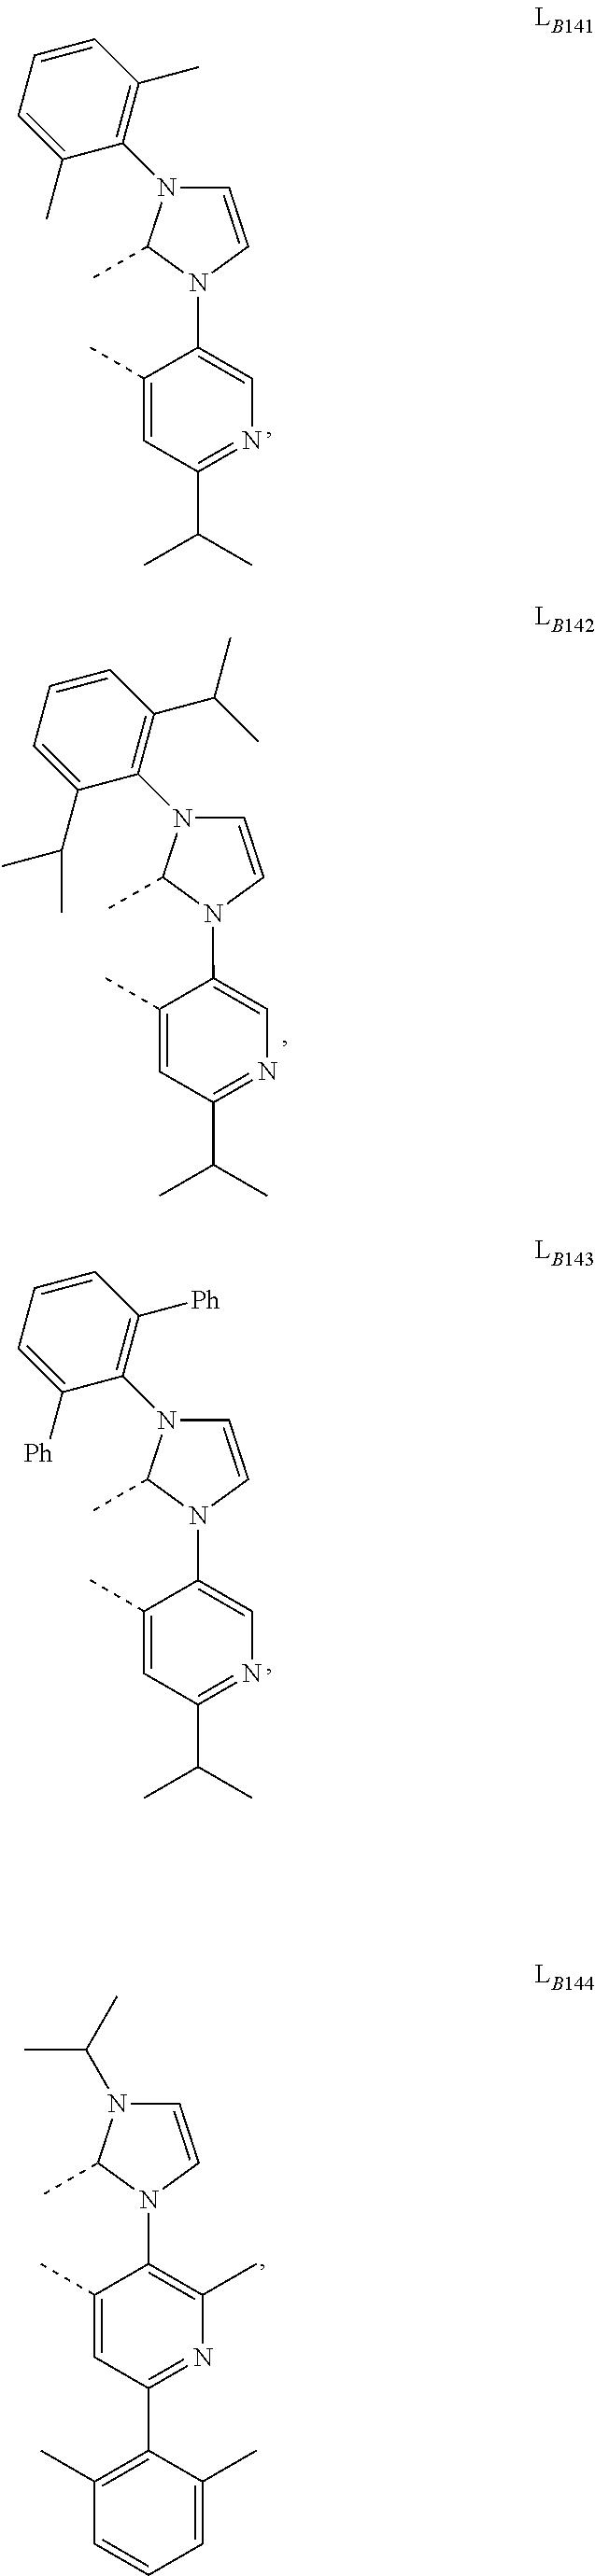 Figure US09905785-20180227-C00135